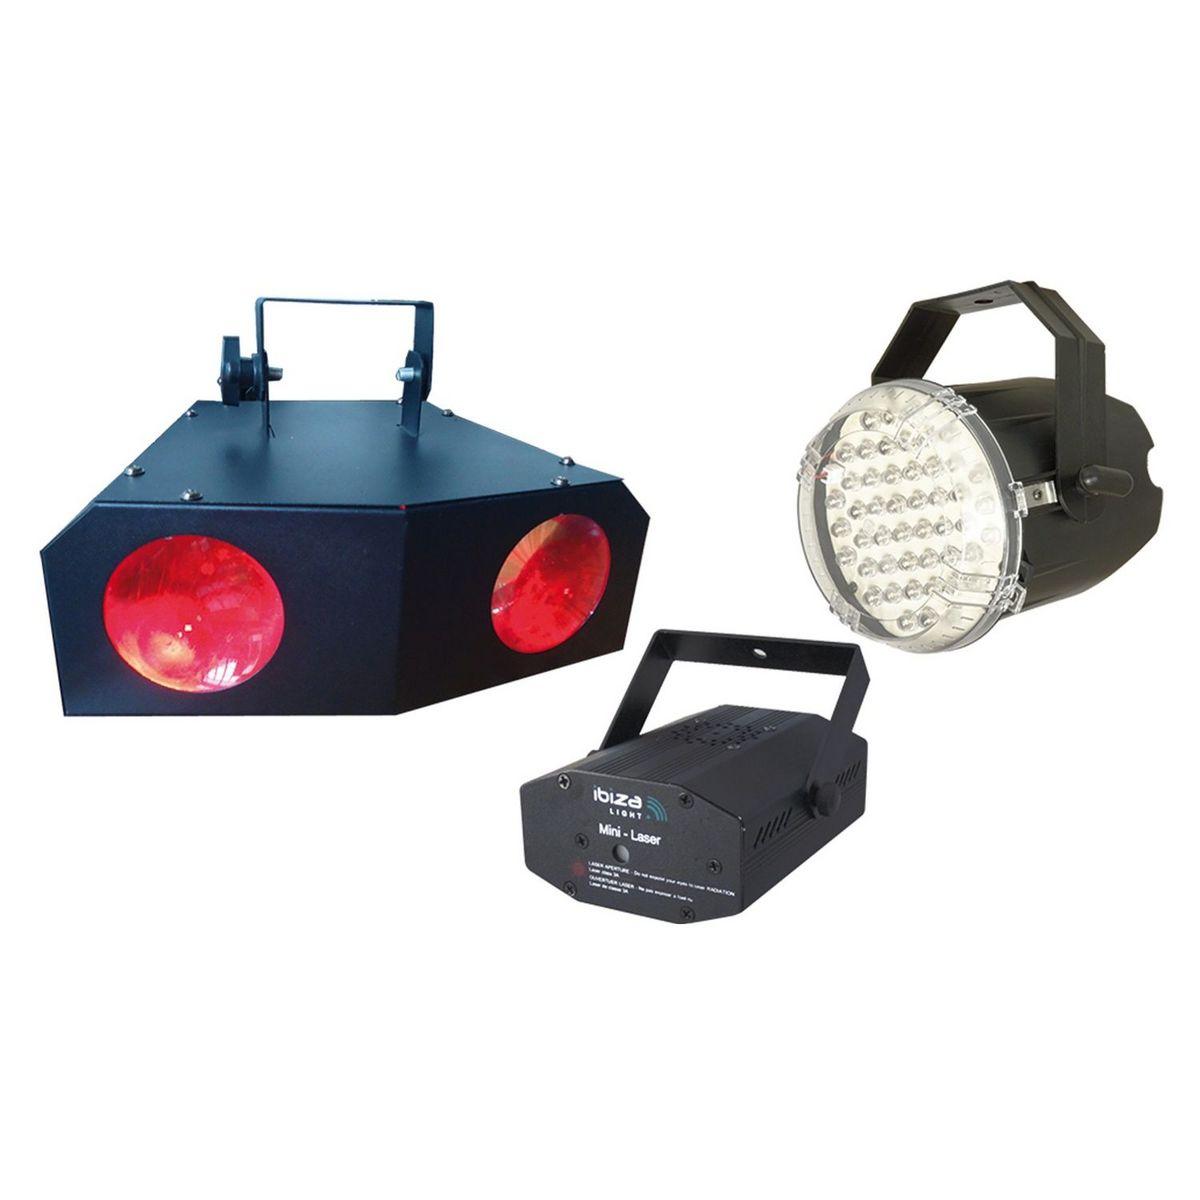 Pack 3 jeux de lumières Night & Light - Activation audio ou auto